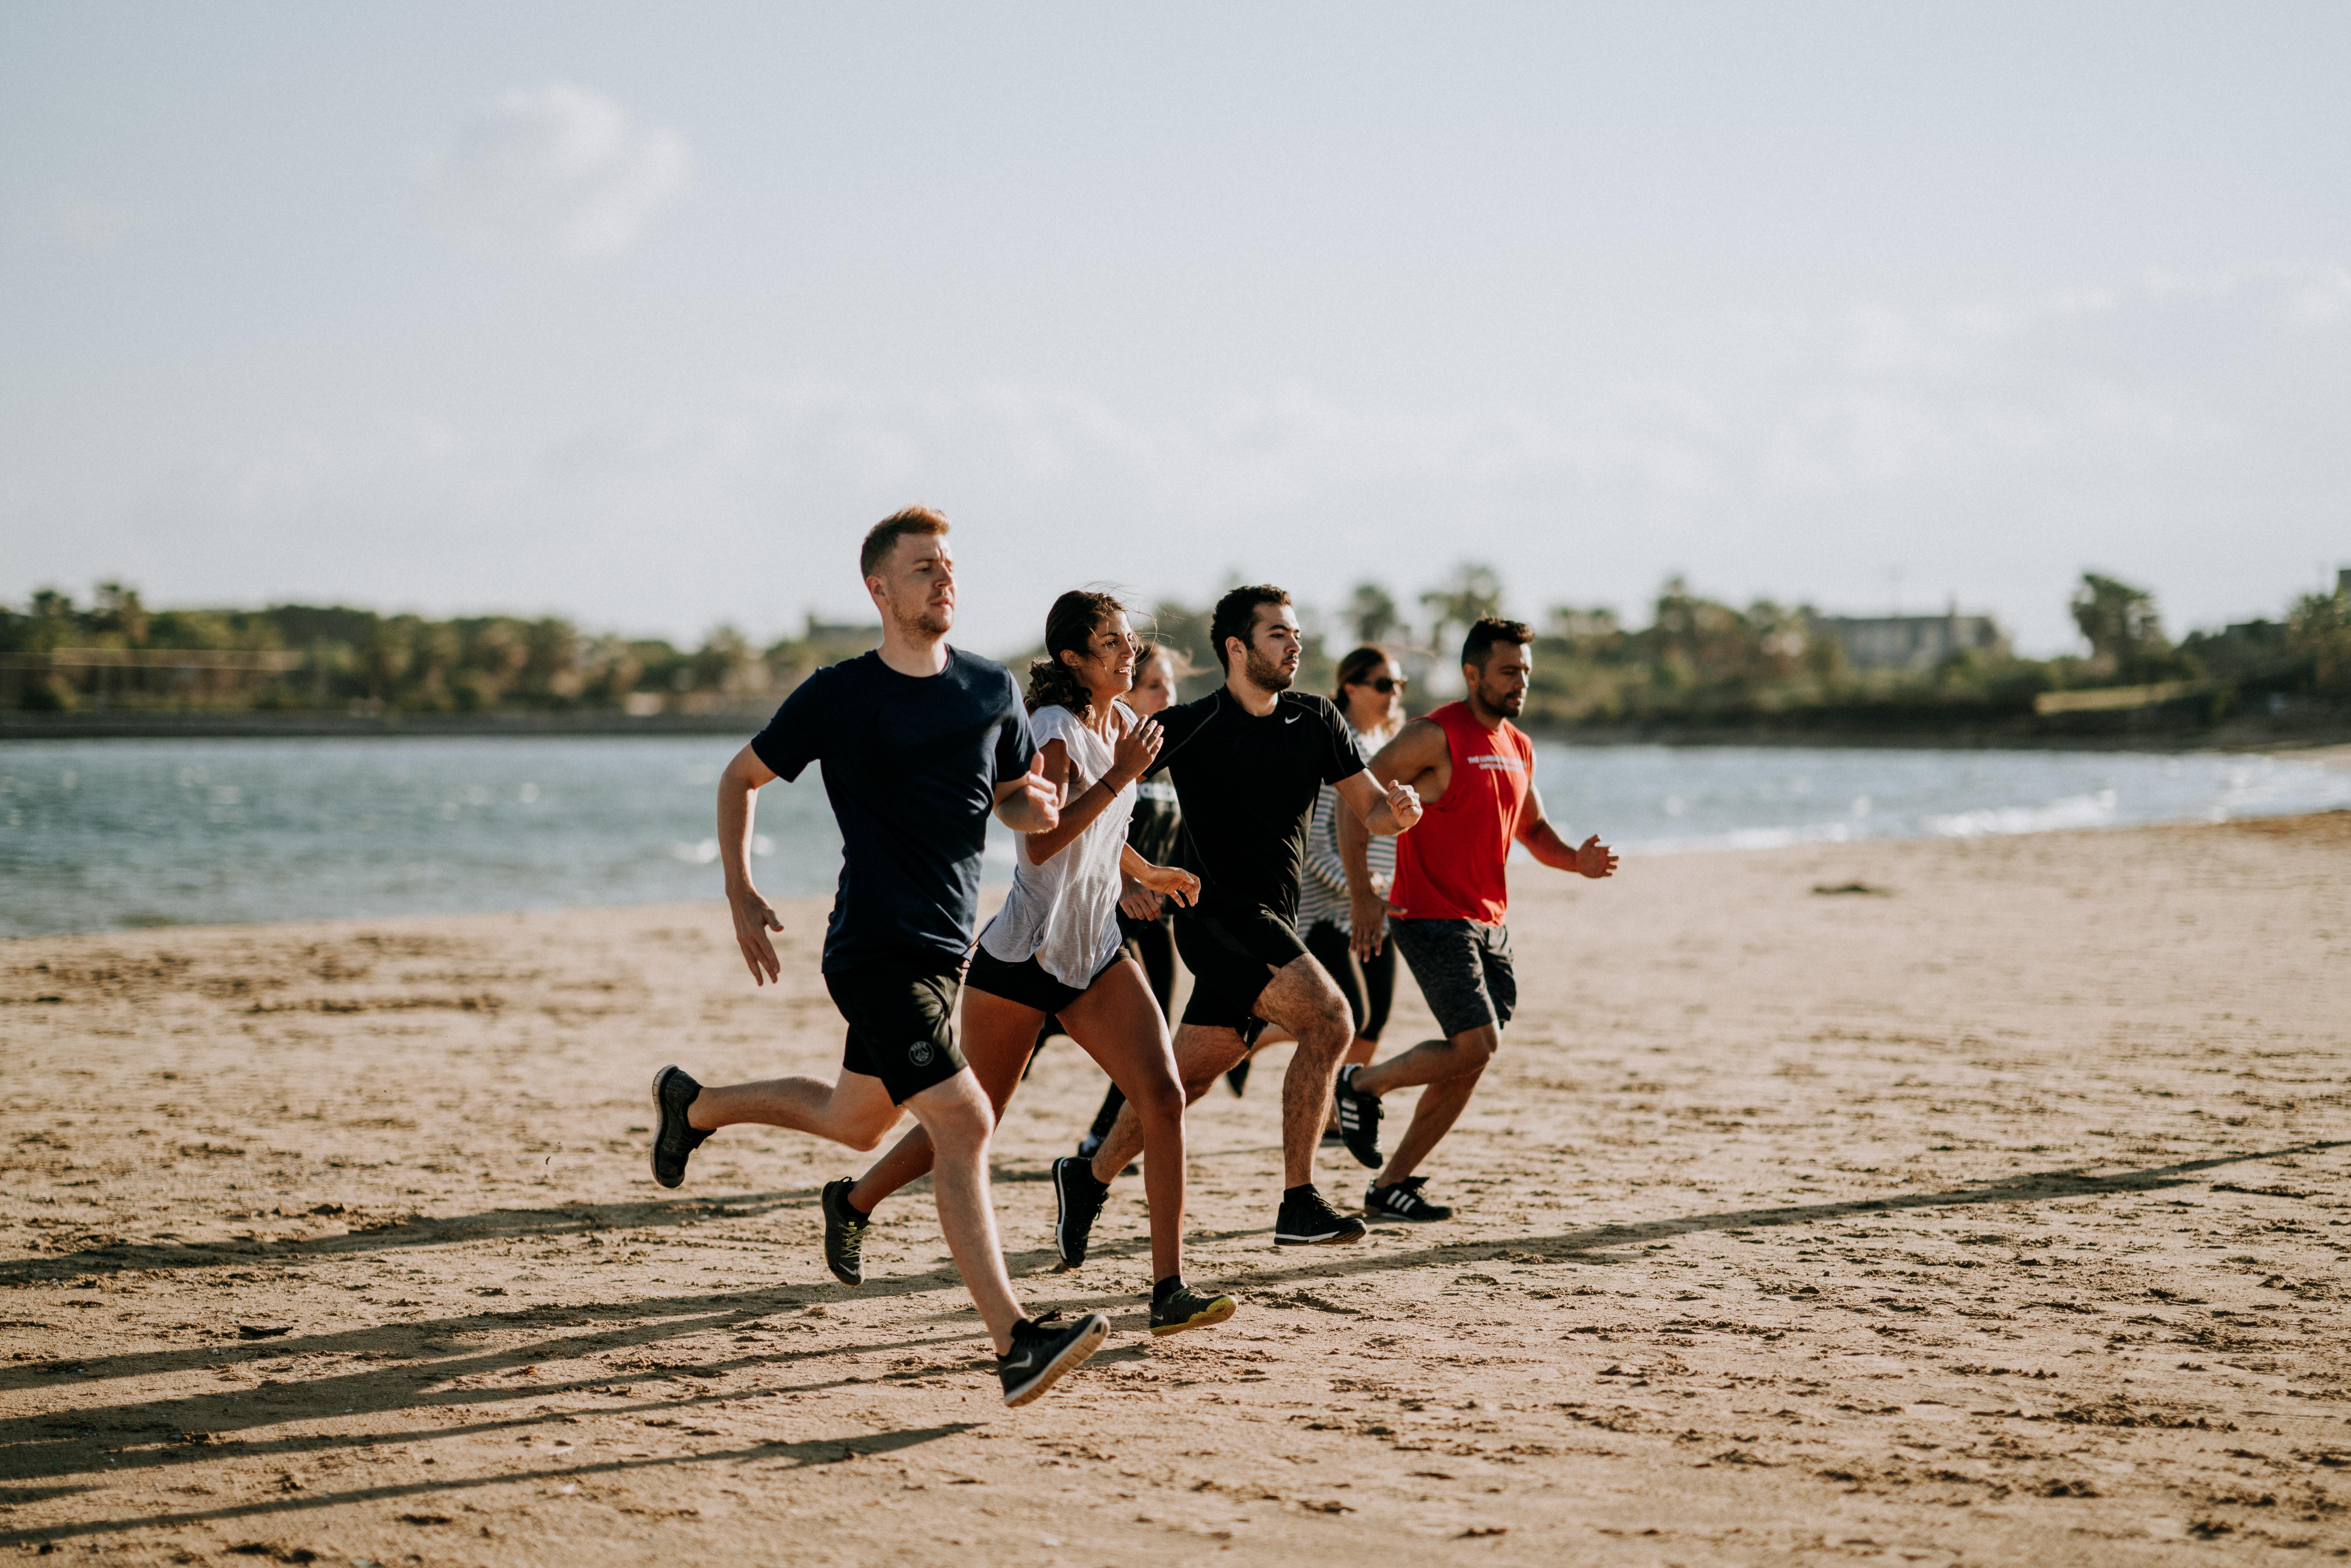 5 personnes qui courent sur une plage